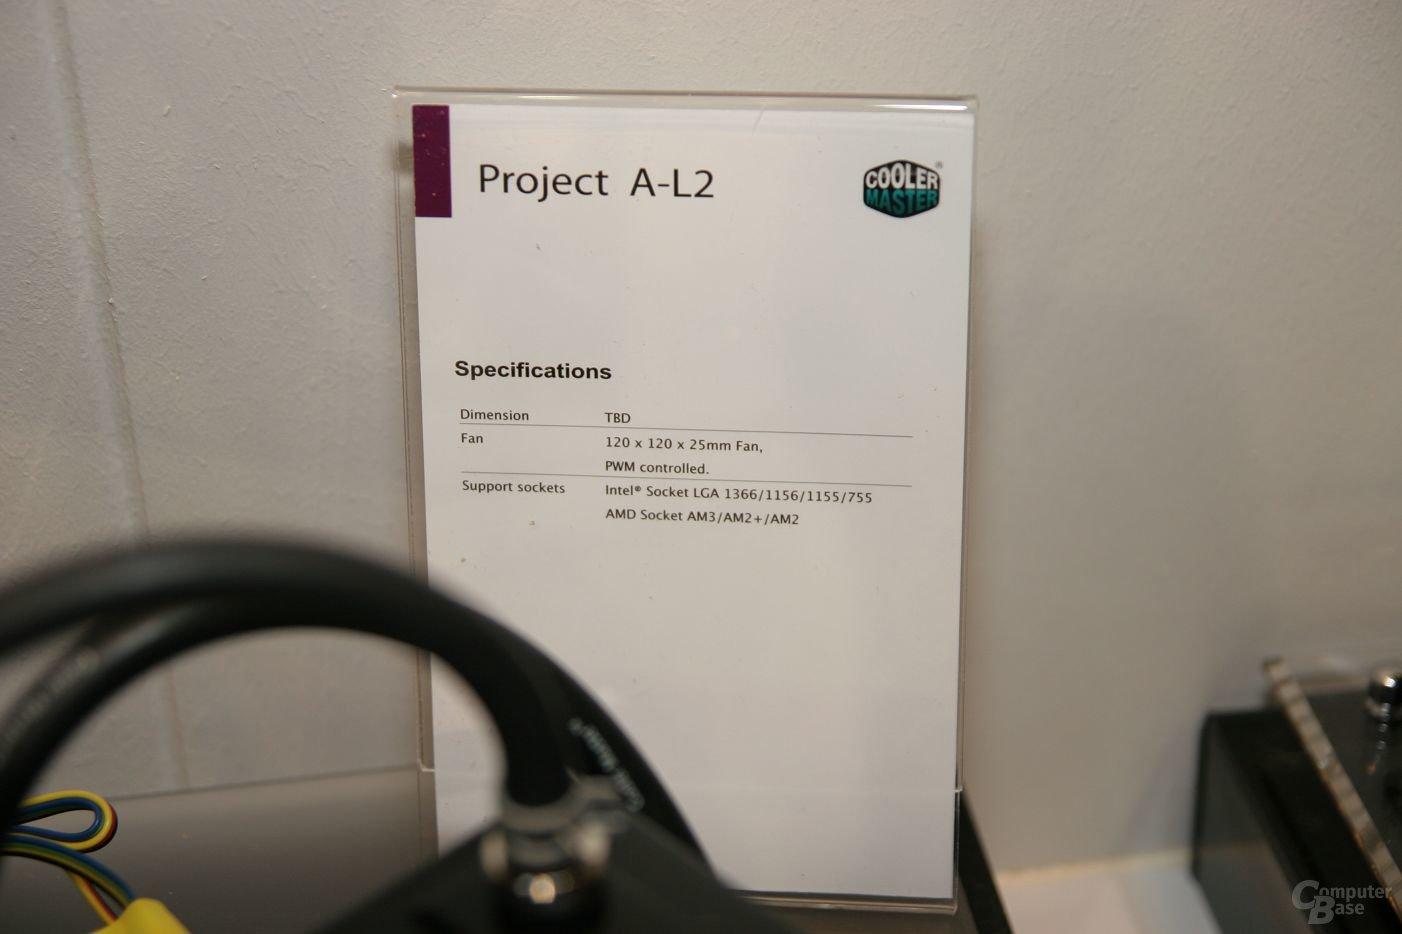 Cooler Master Project A-L2